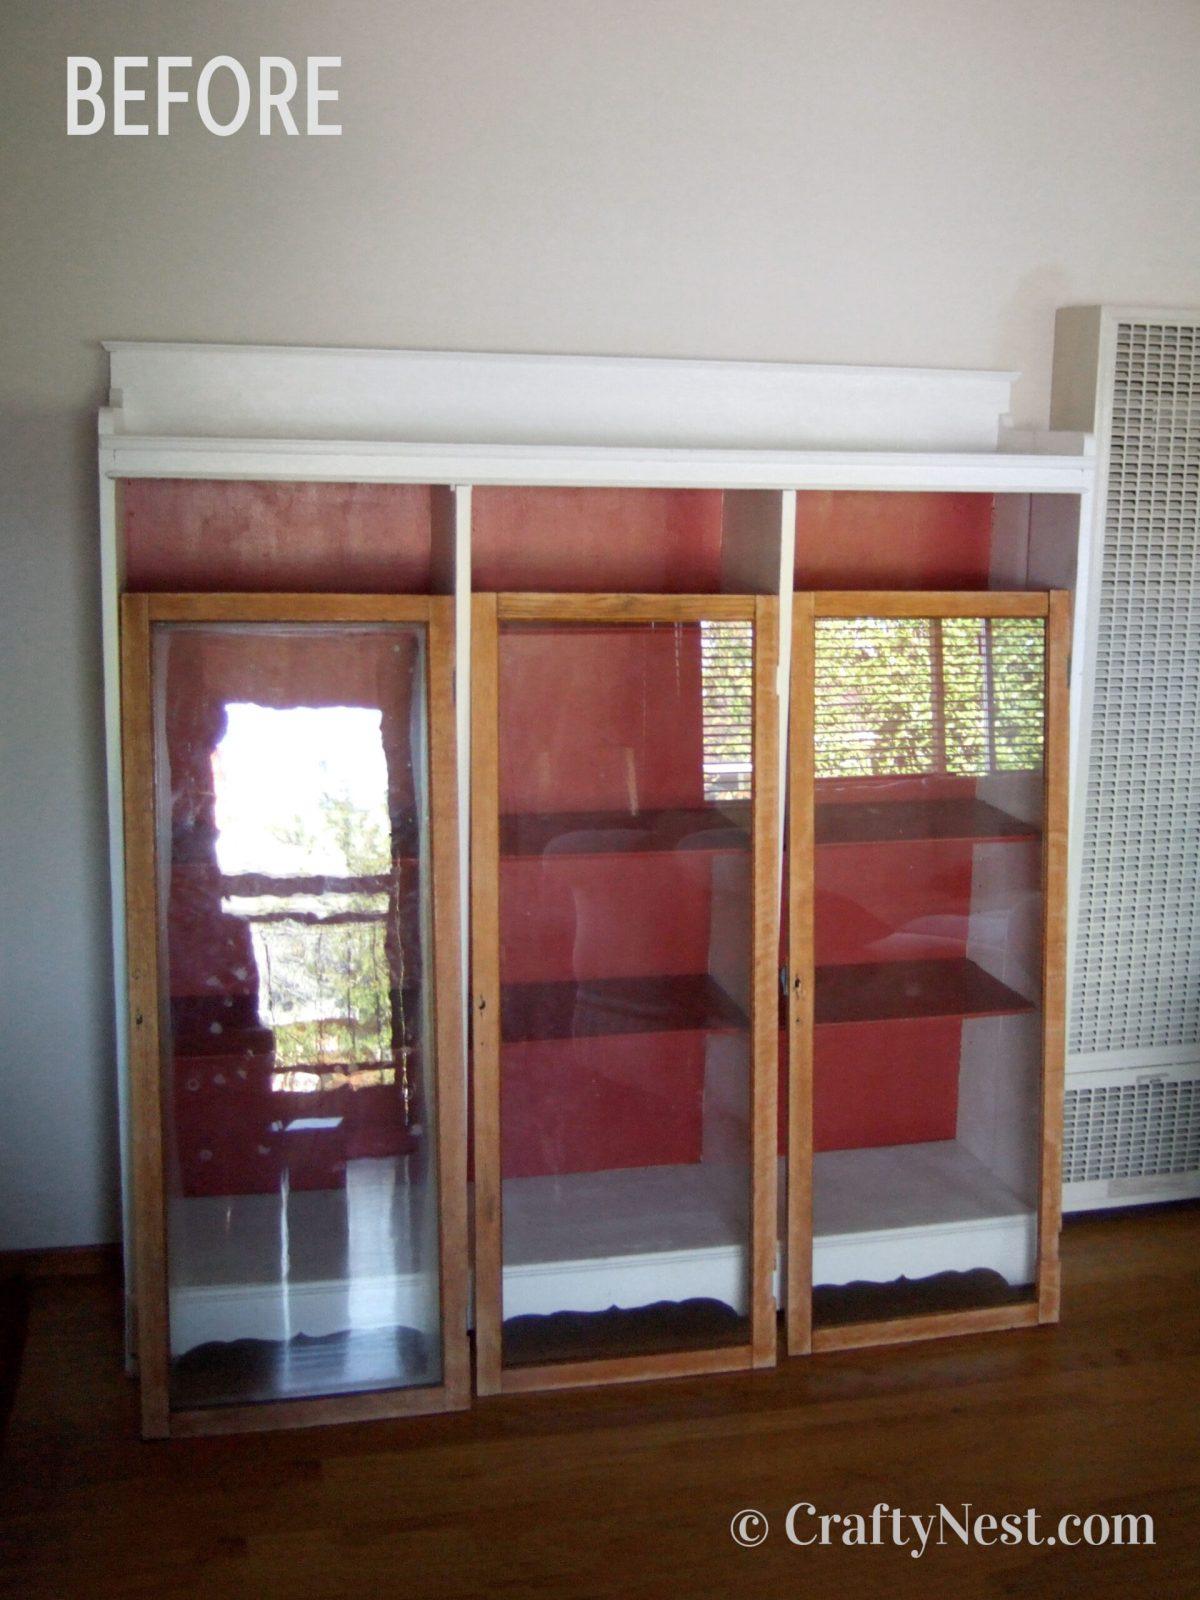 Bookshelf doors before, photo